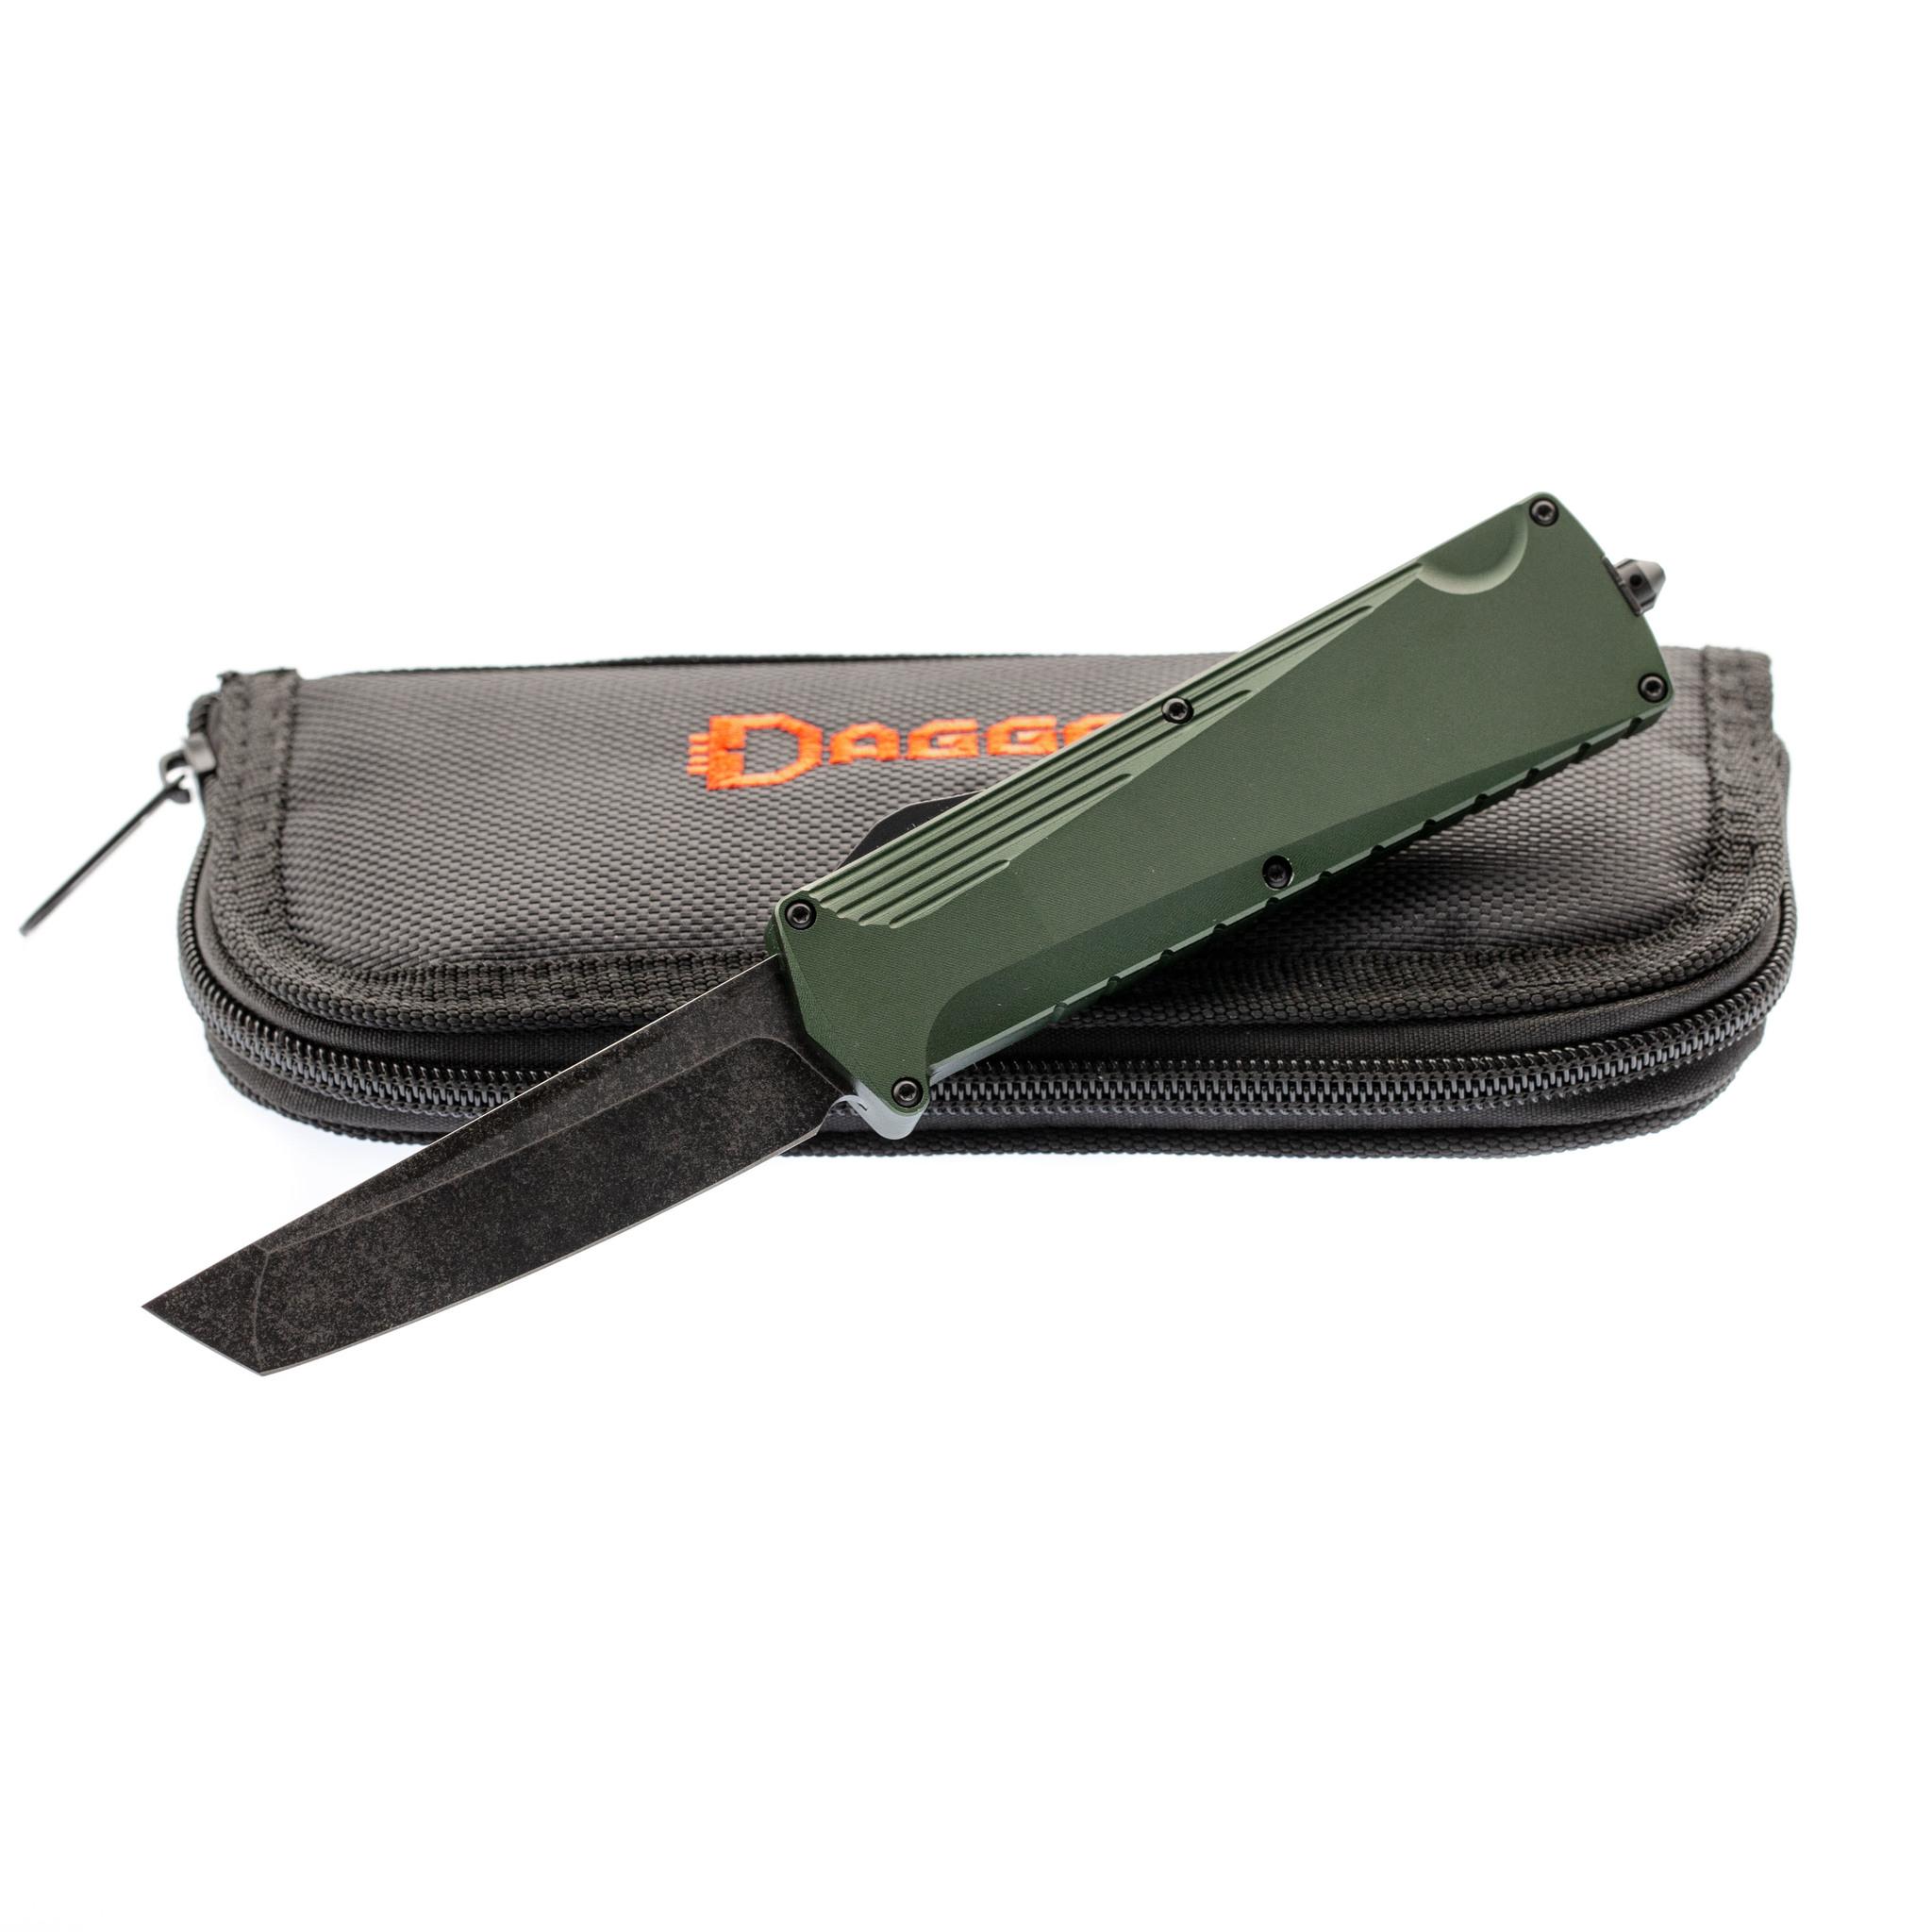 Автоматический нож Daggerr Koschei Tanto Olive (Кощей), сталь D2 складной нож daggerr koschei кощей сталь d2